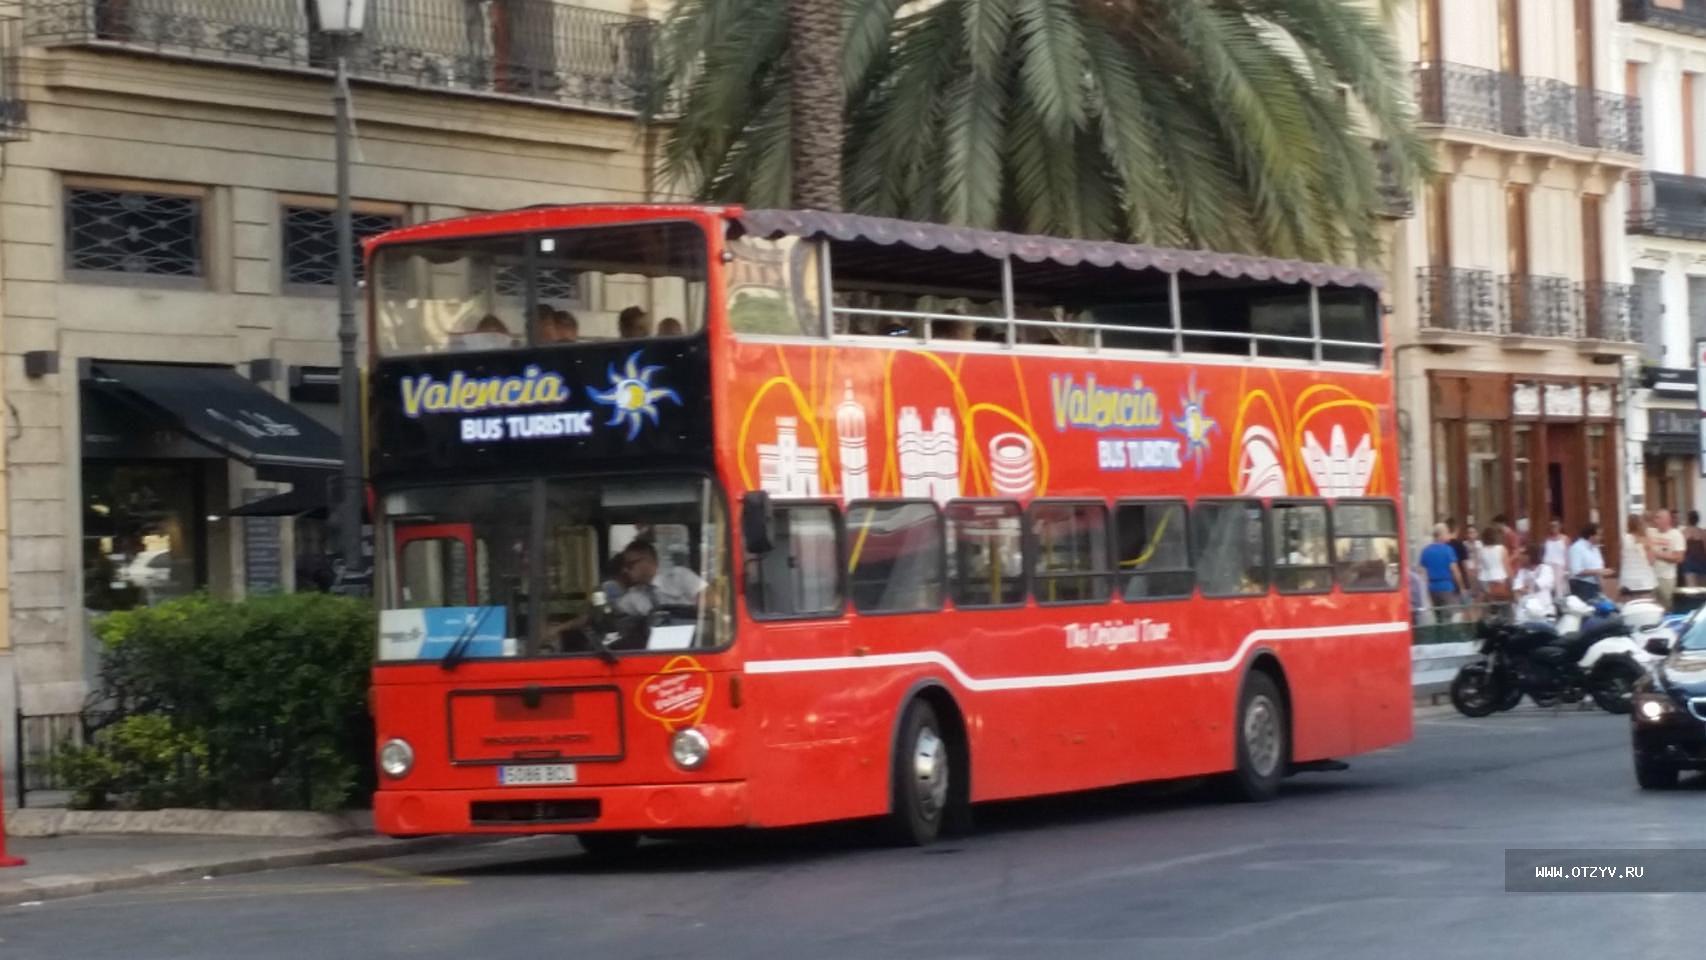 В валенсию из аэропорта аликанте на автобусе